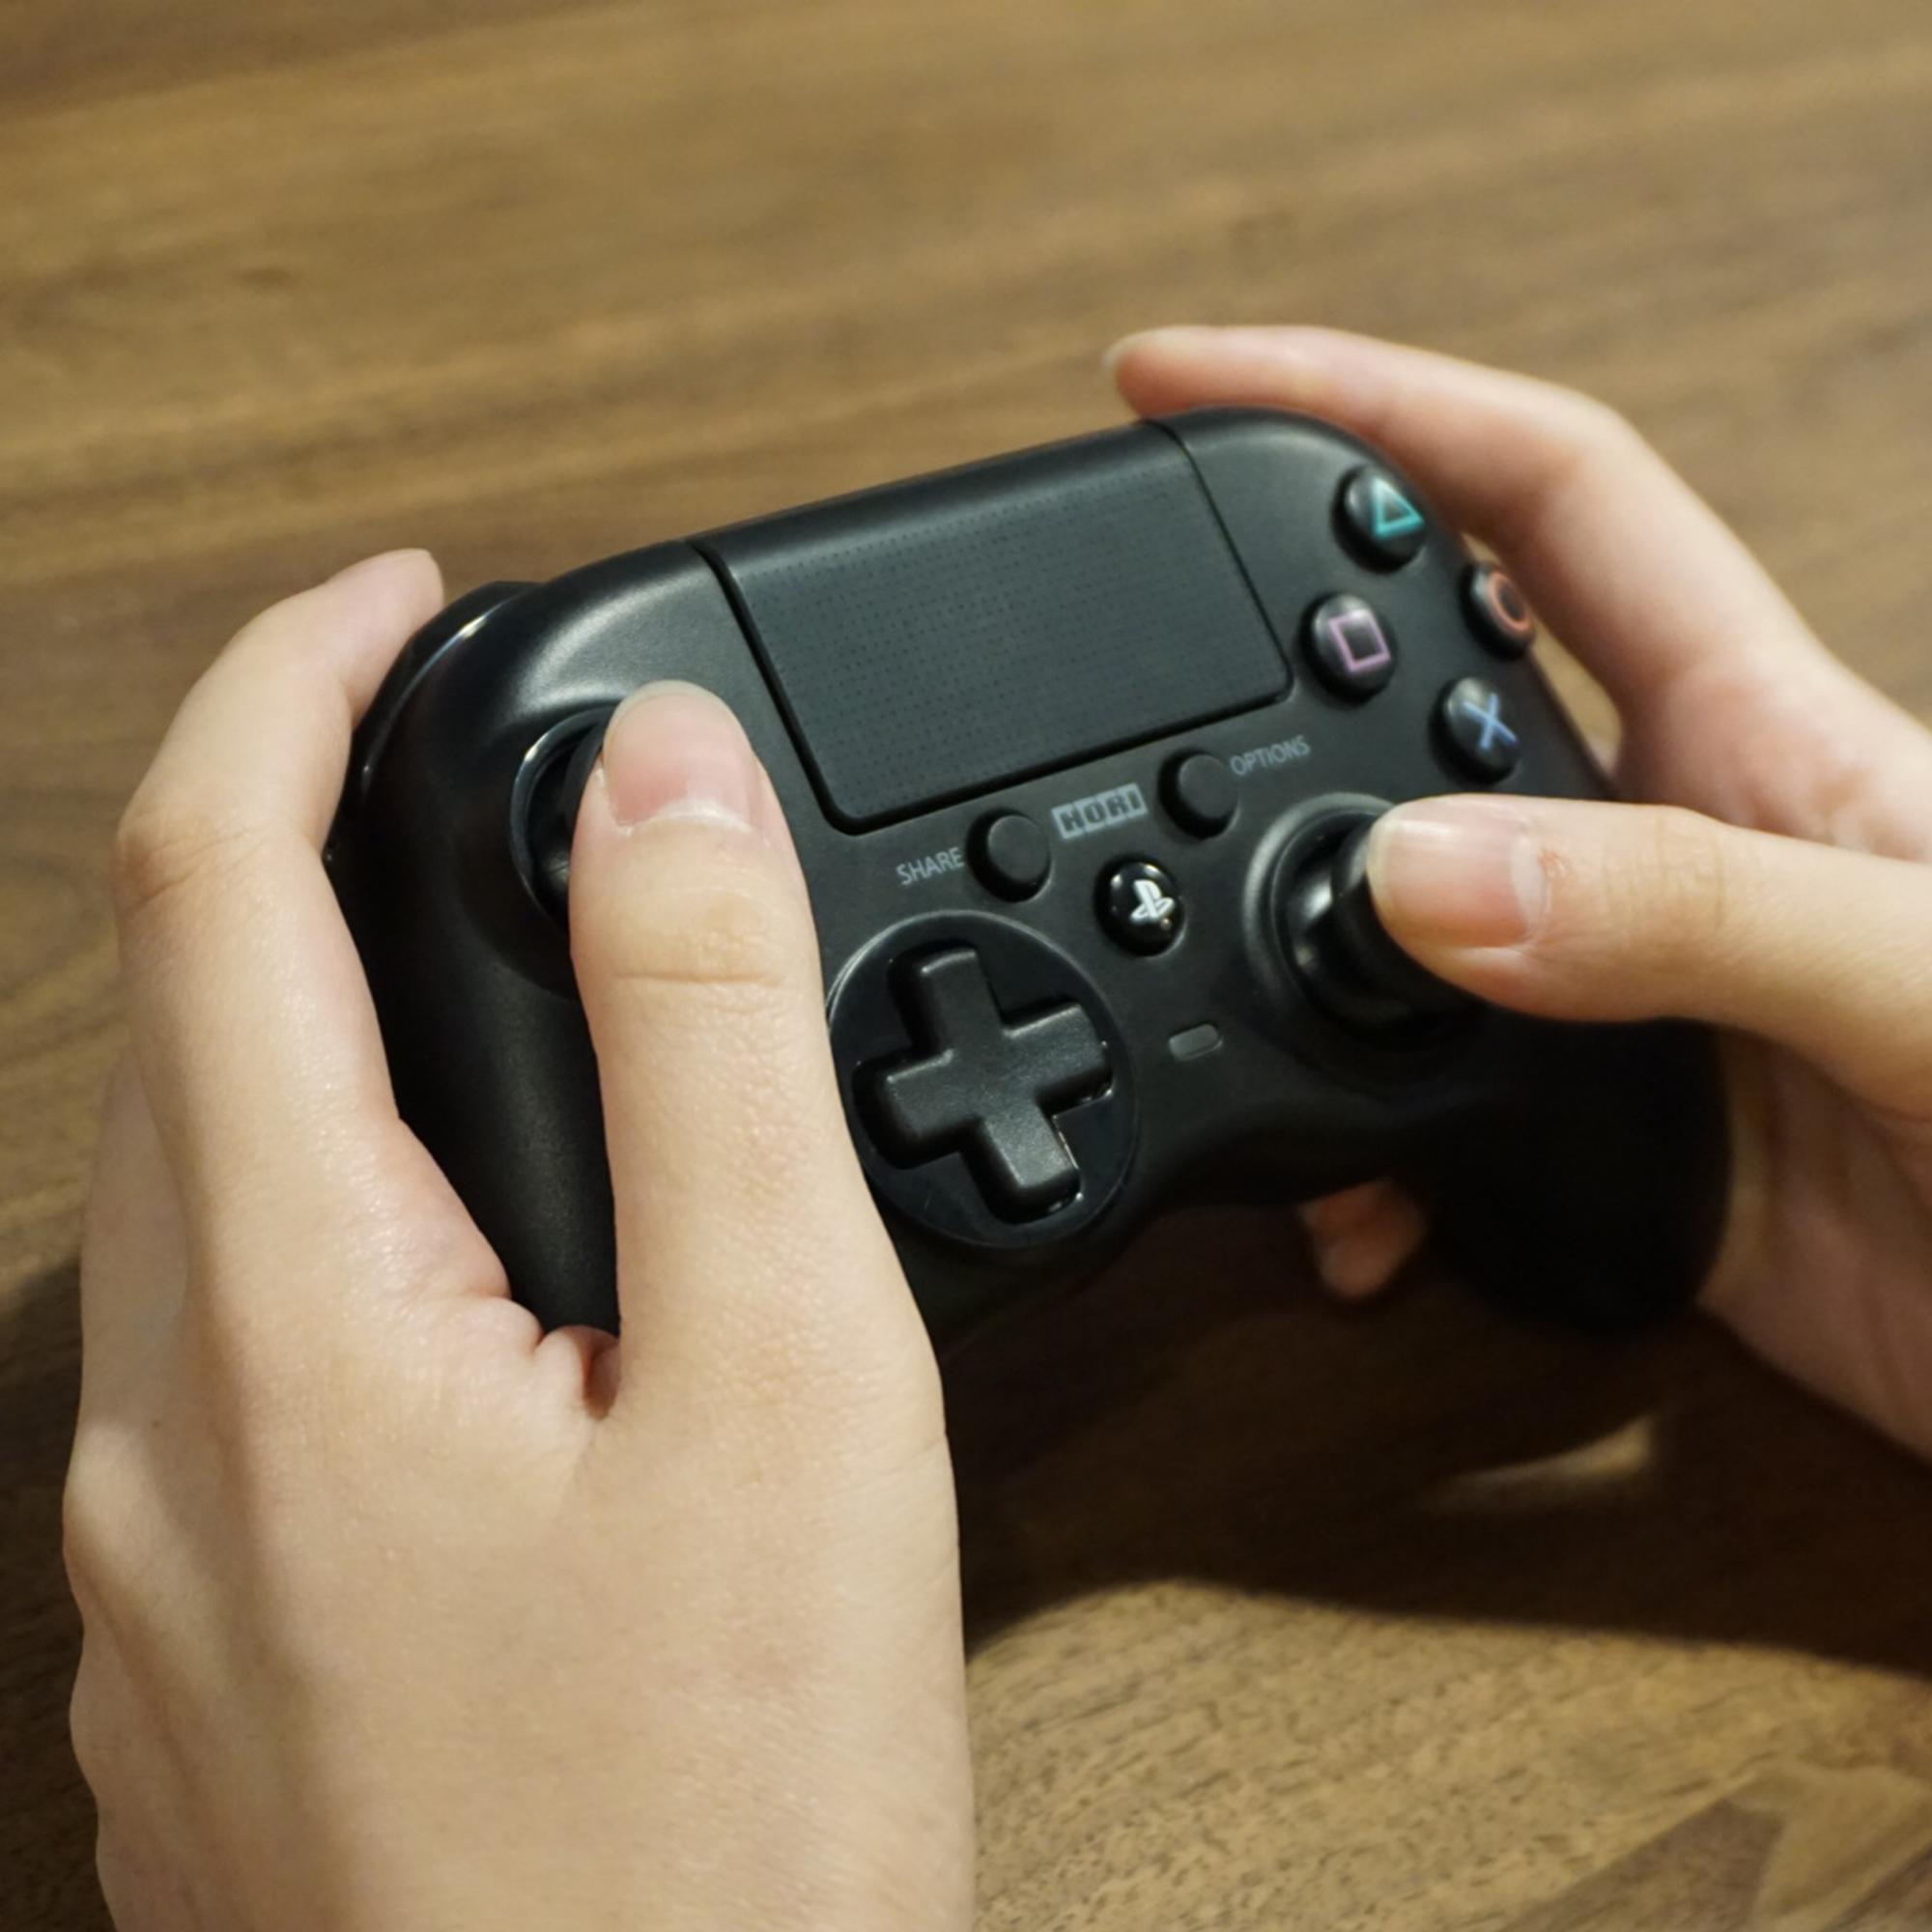 کنترلر جدیدی با نام Onyx برای کنسول پلی استیشن ۴ معرفی شد